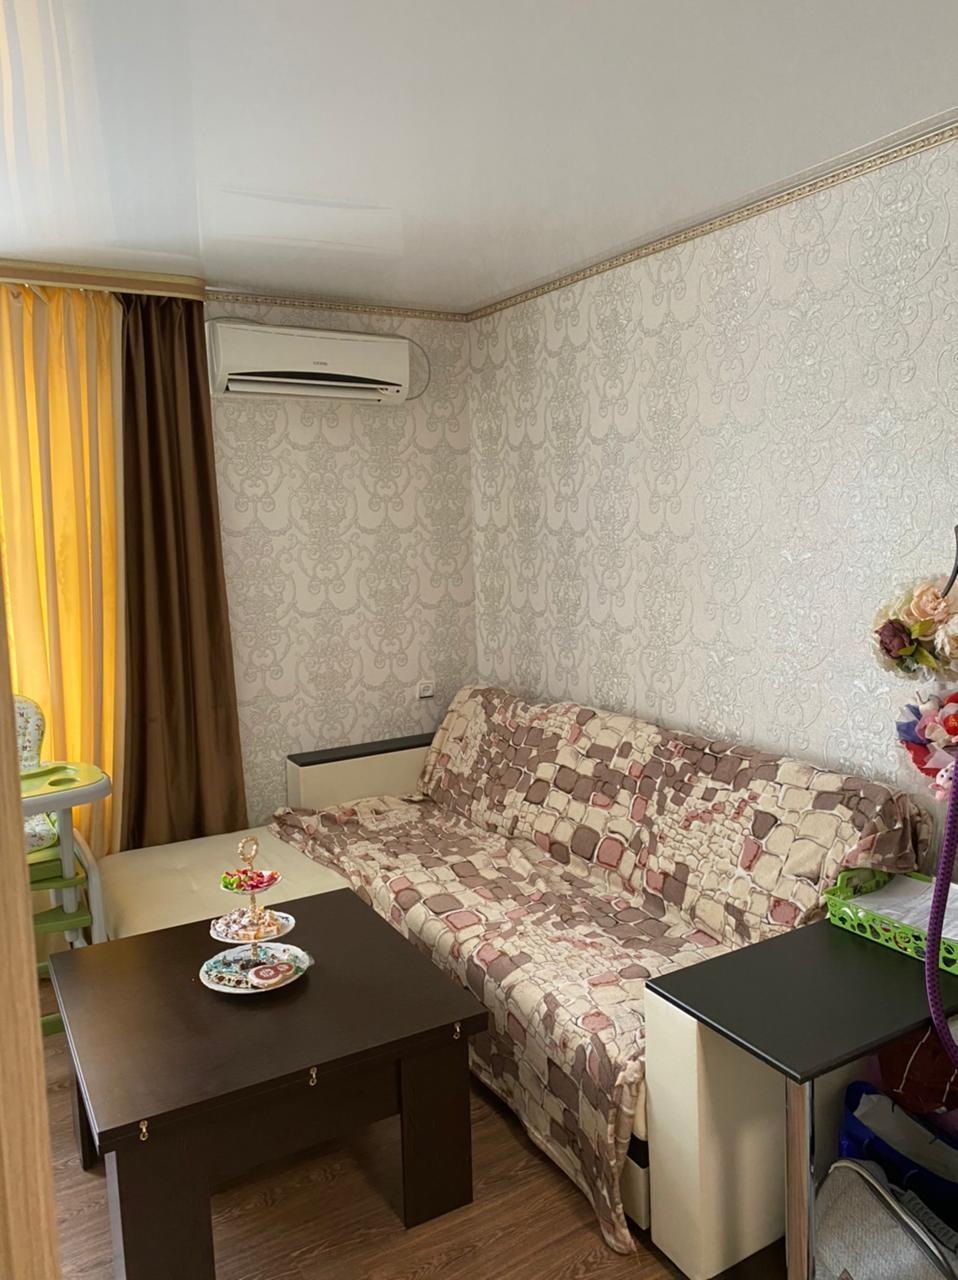 Квартира 2 комнатная в г. Майкоп район Кондитерская ф-ка (за ж/д)